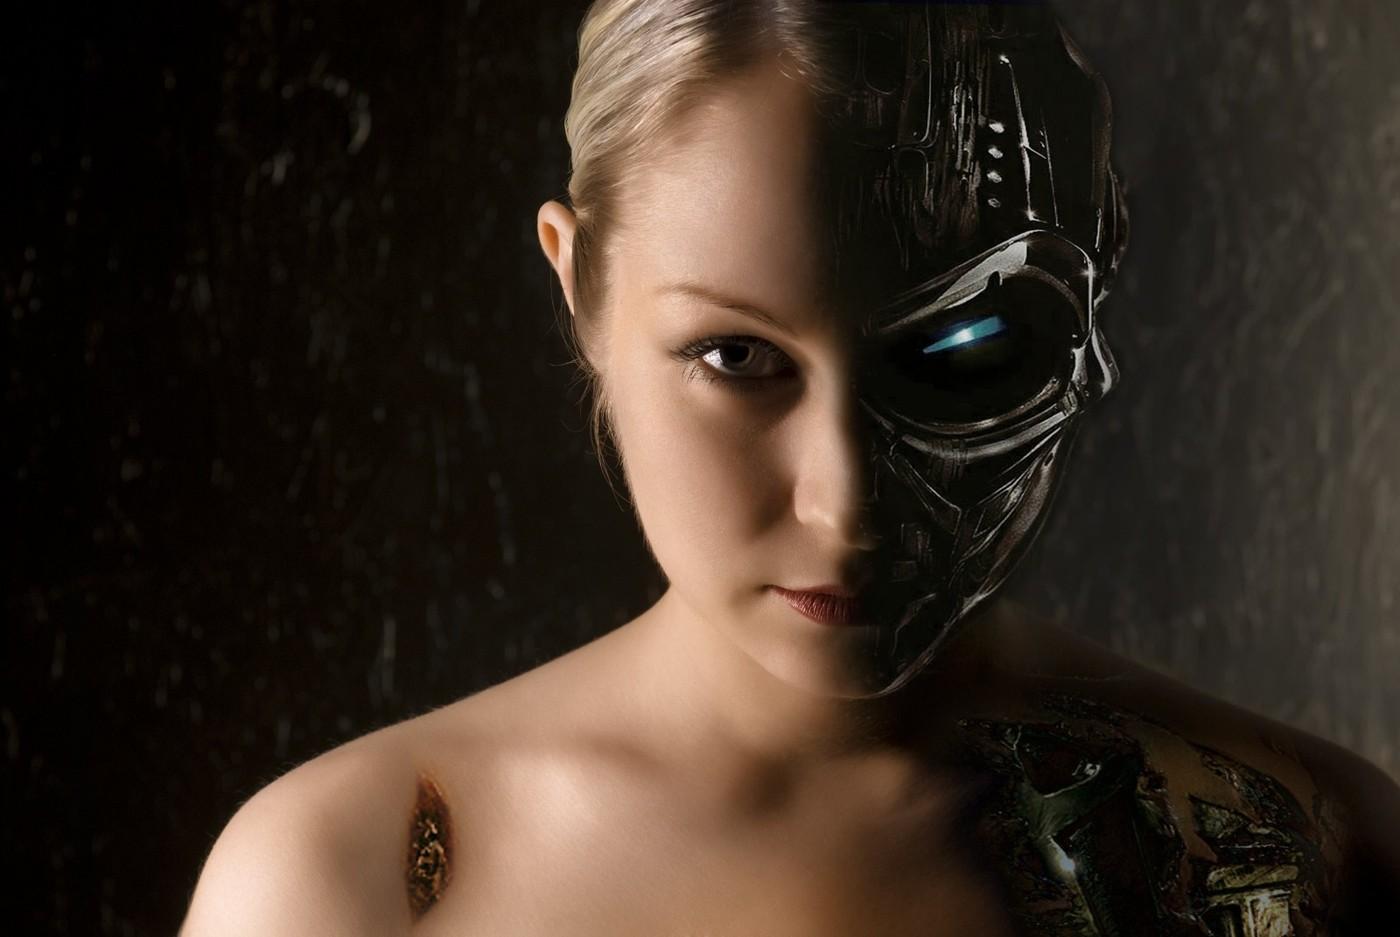 無人機變殺人武器,專家示警:AI濫用5年內看得到